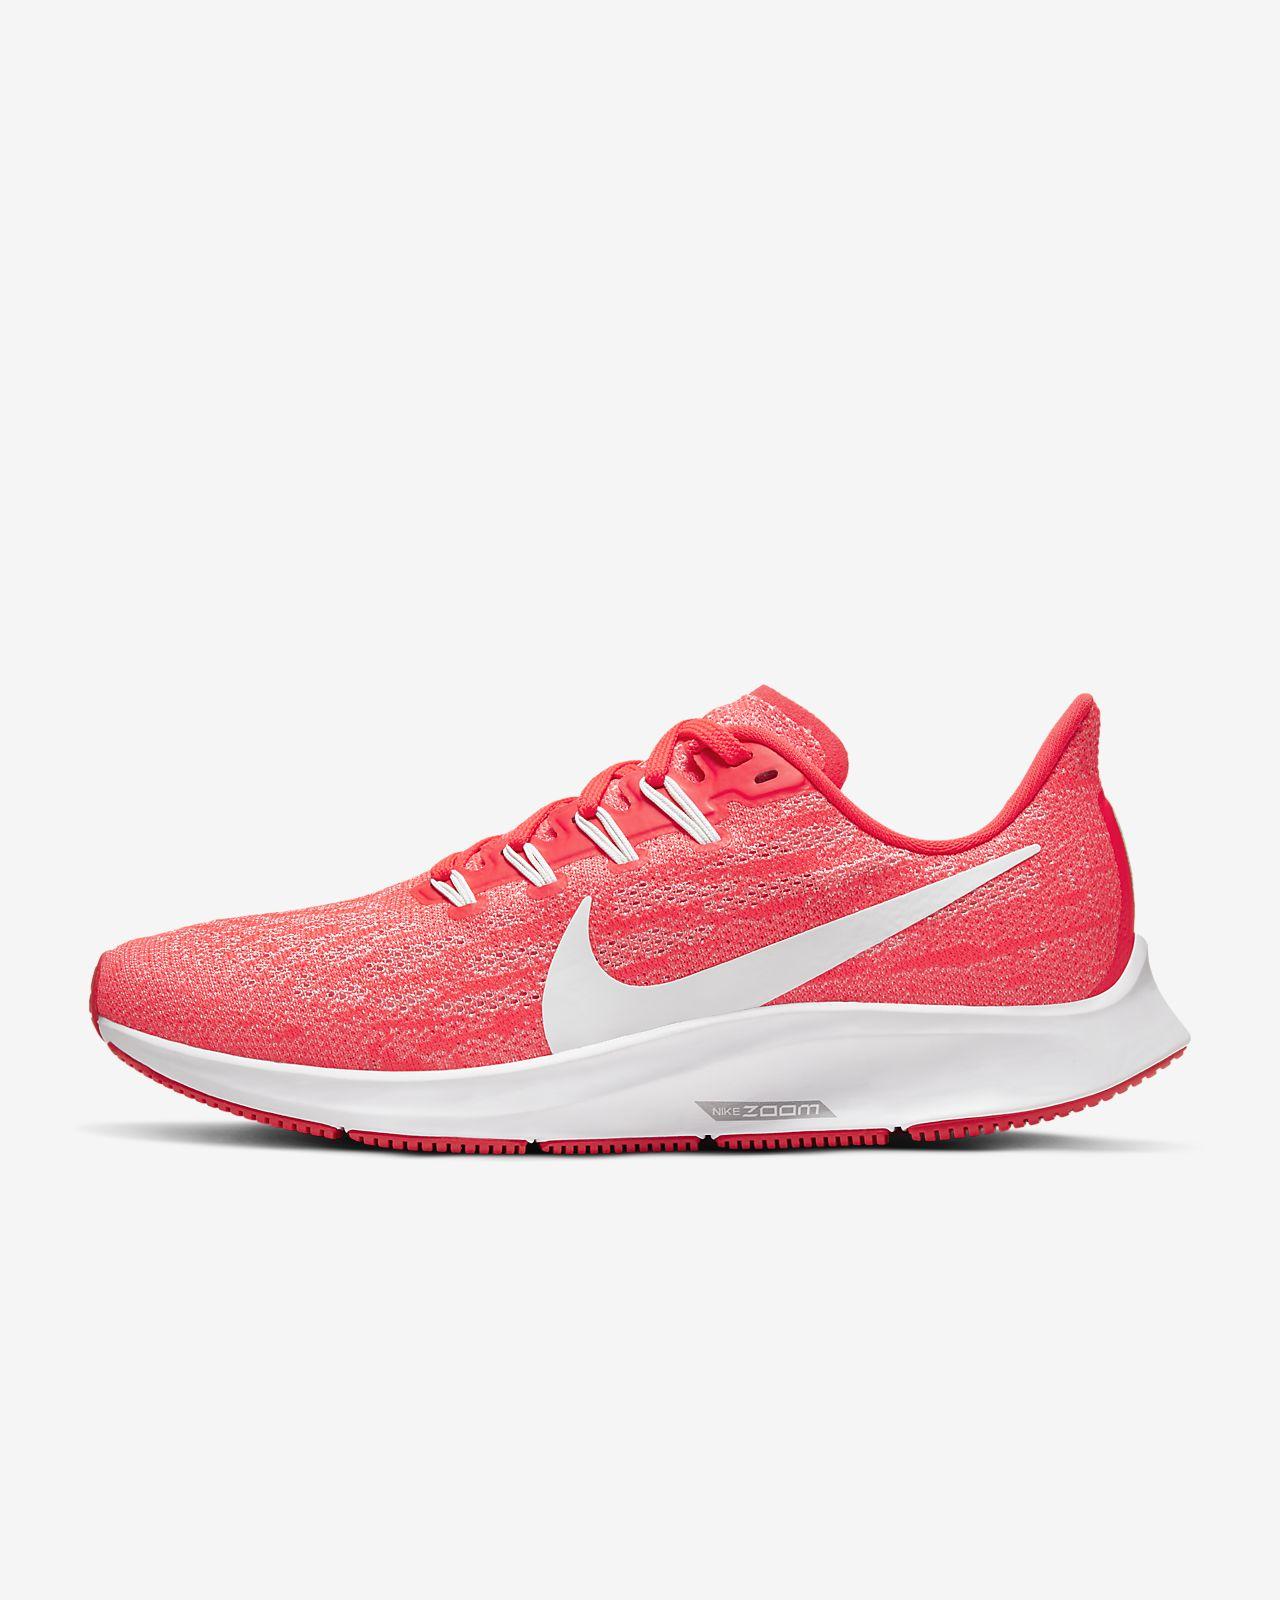 Γυναικείο παπούτσι για τρέξιμο Nike Air Zoom Pegasus 36